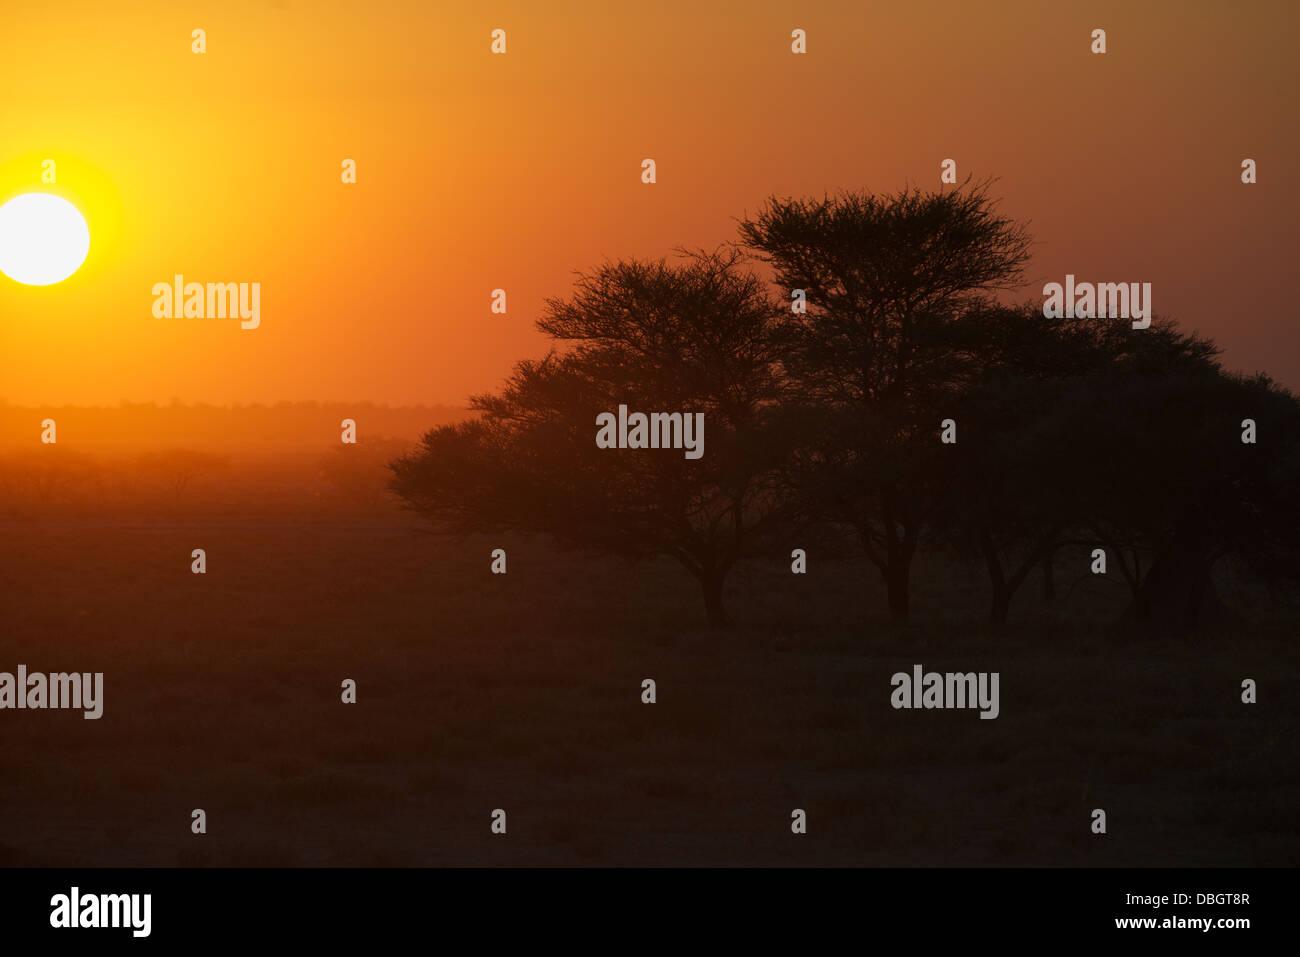 Sunset Etosha National Park Namibia Africa - Stock Image